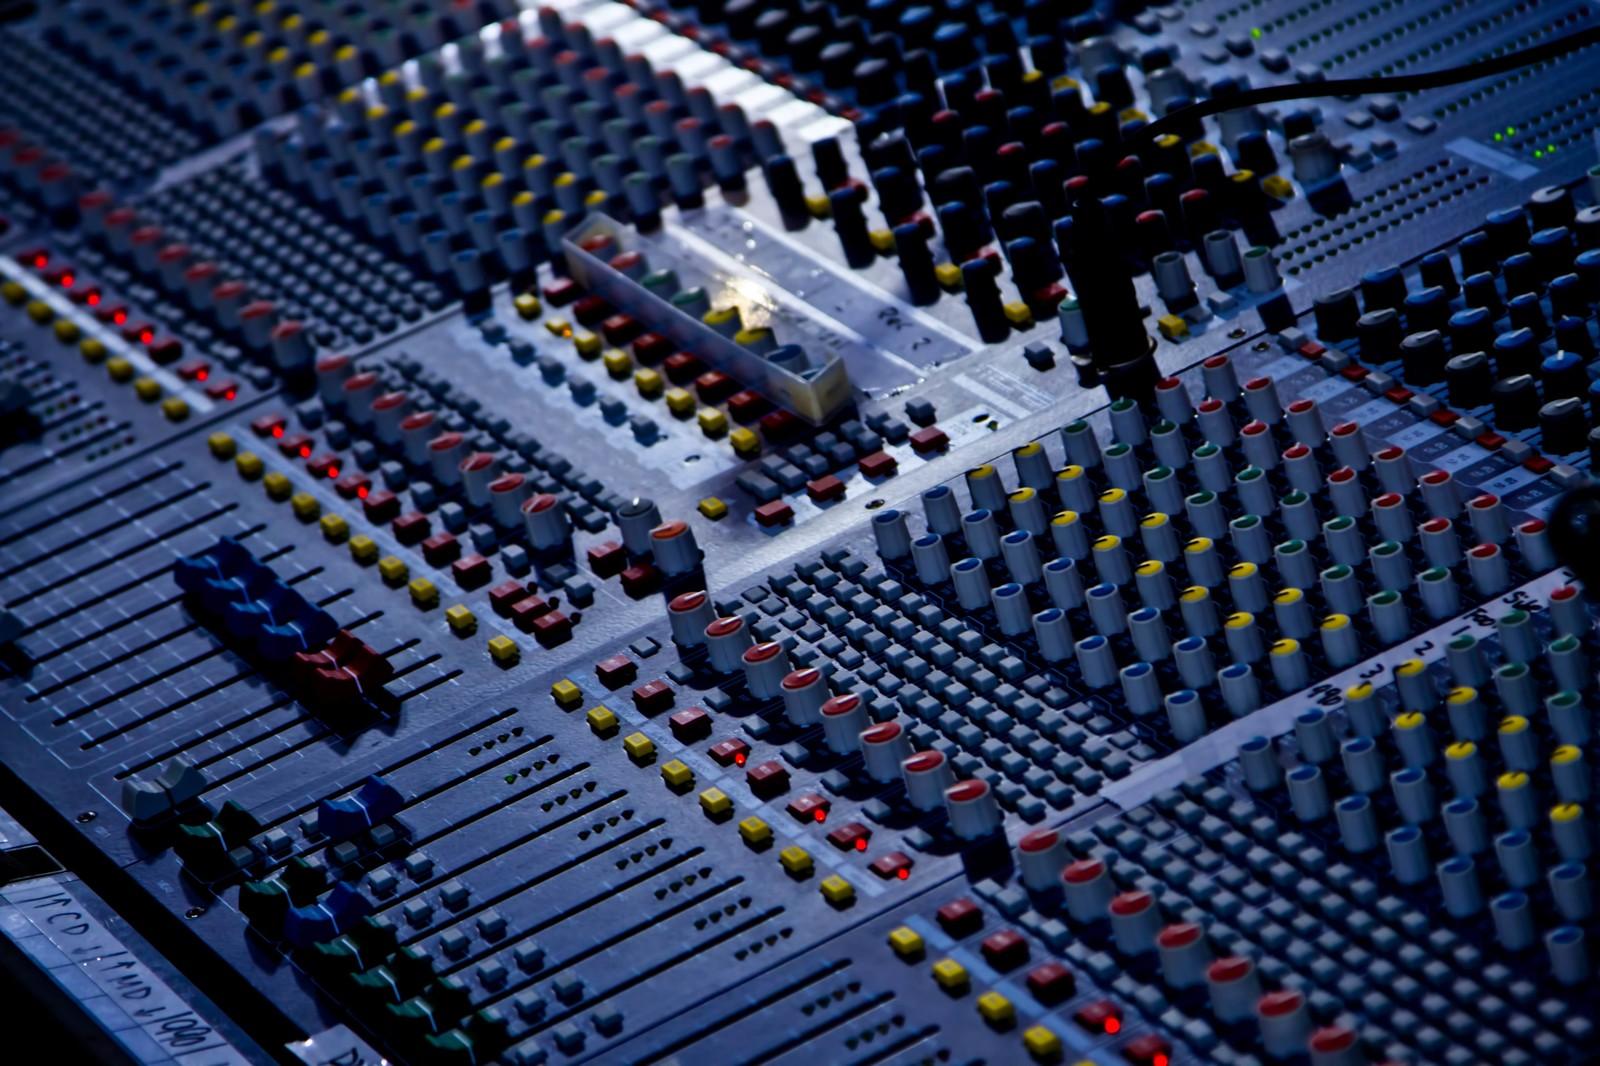 DTM入門-最初に入れるべきソフト音源